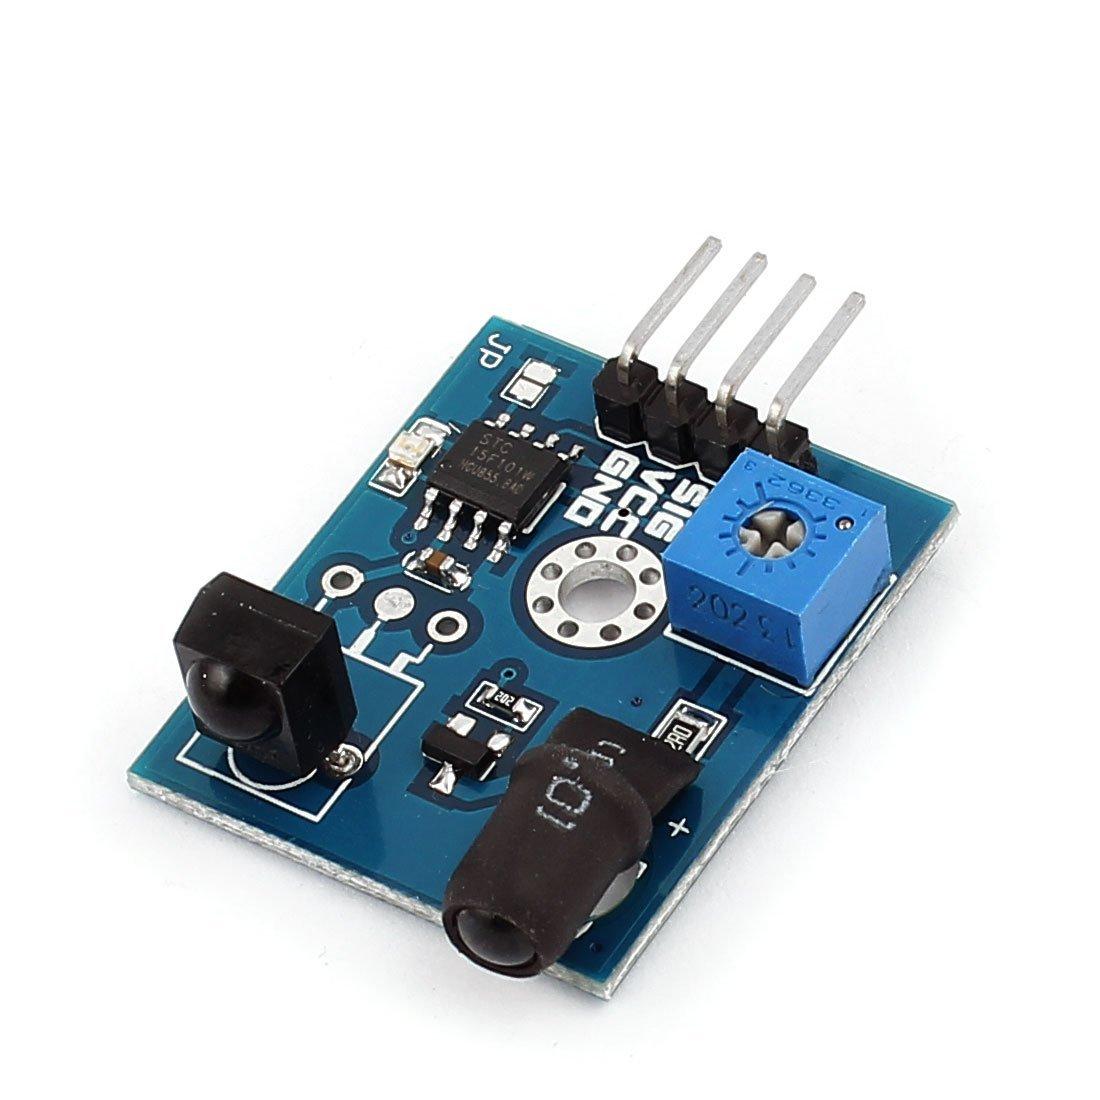 Amazon.com: eDealMax Obstáculo Detector infrarrojo Distancia 1-Ch 2-180cm evitación del módulo: Electronics